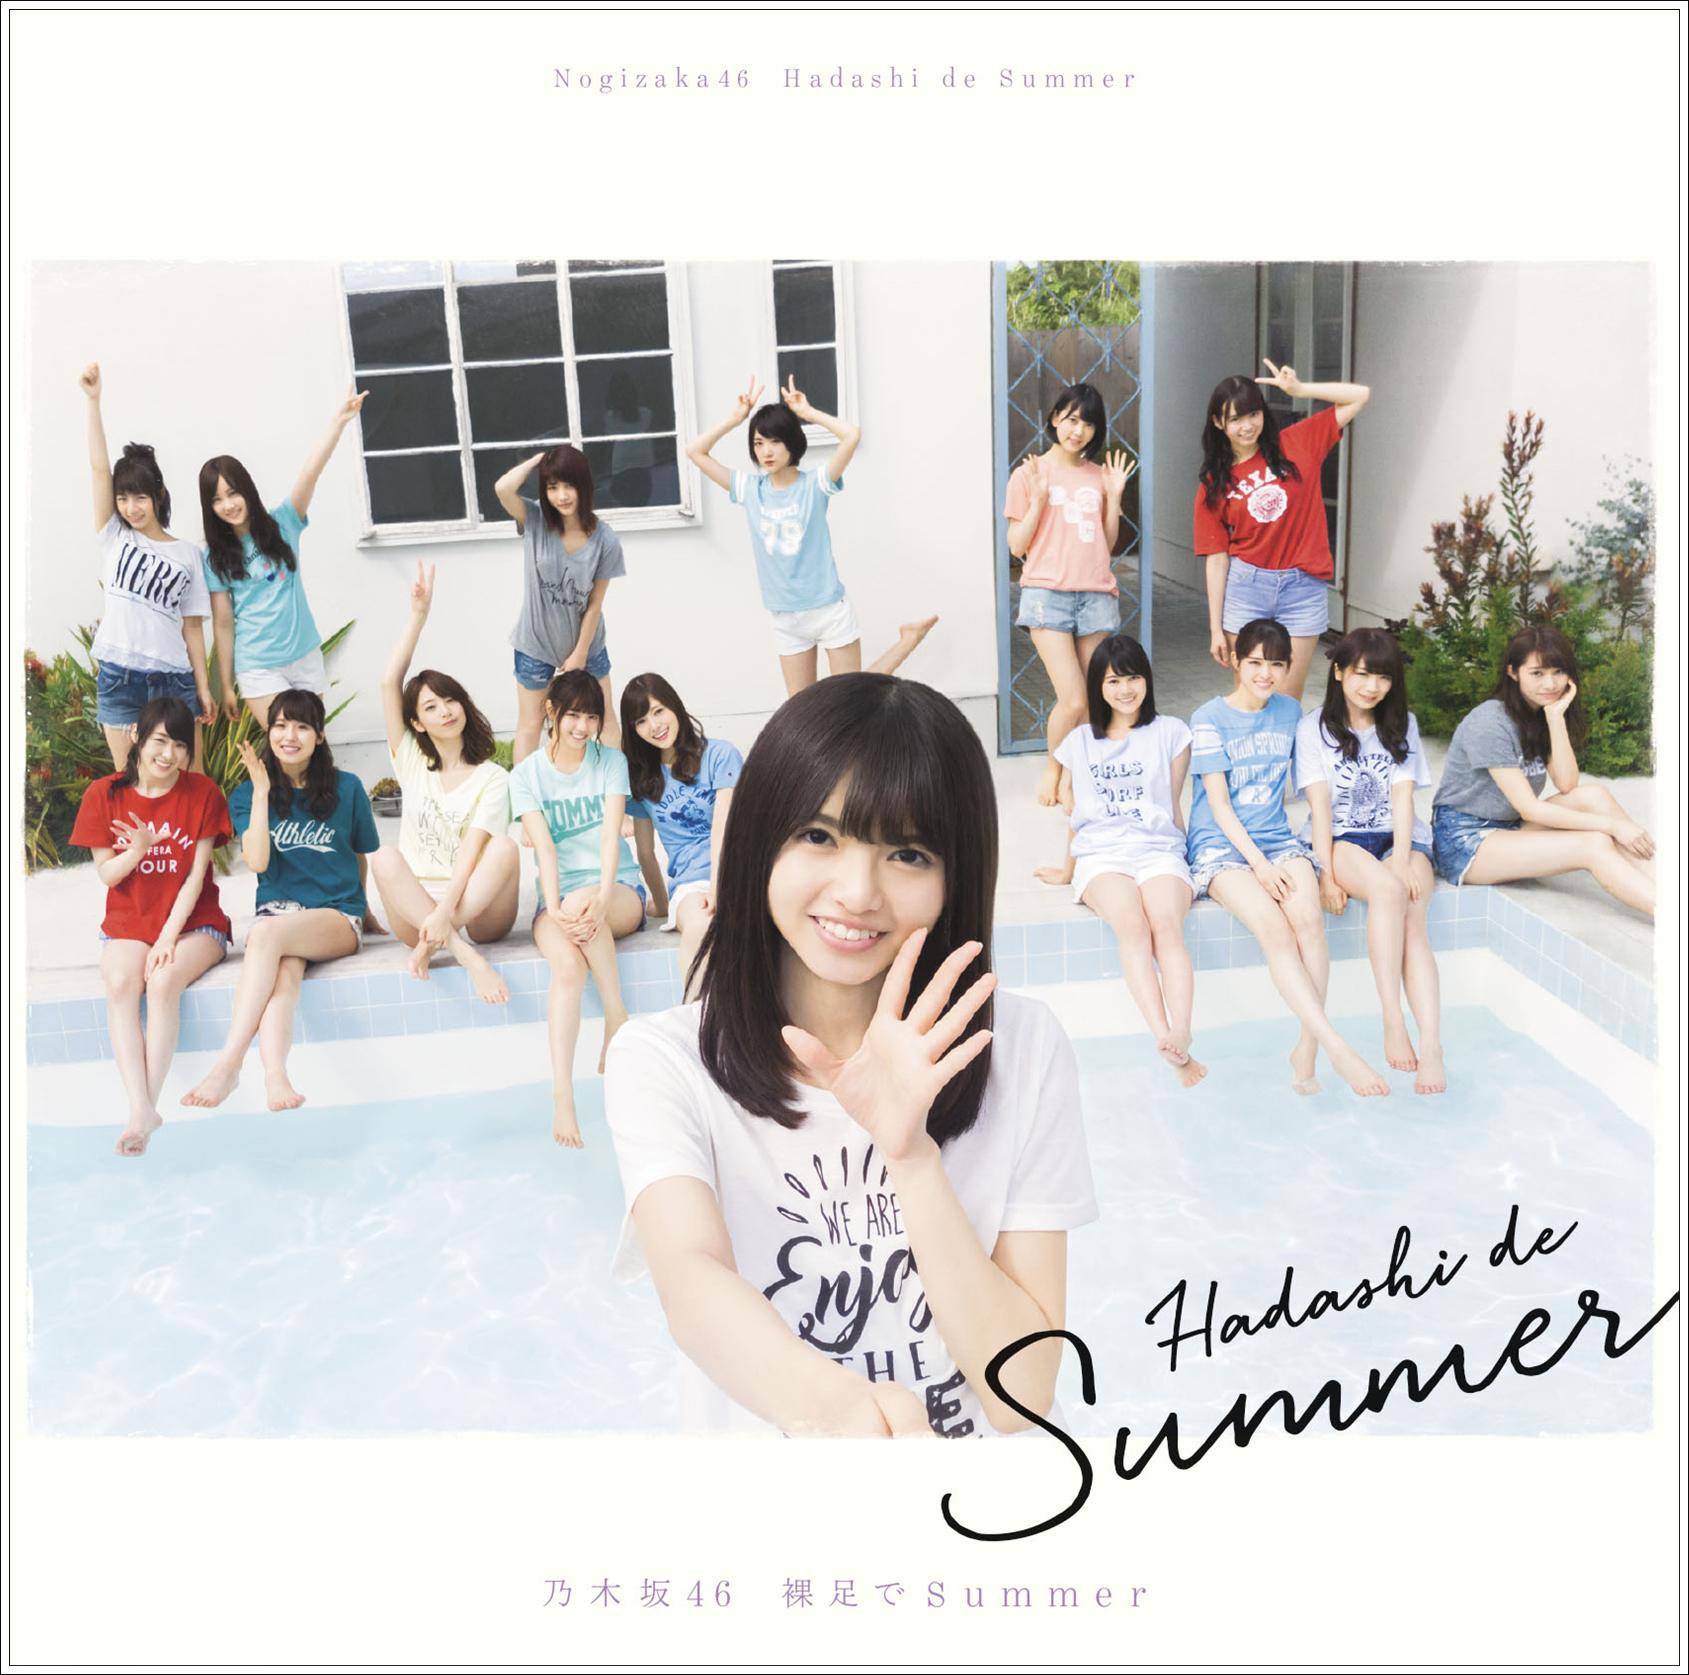 2016년 8/3일자 주간 오리콘 차트(SINGLE 부문)